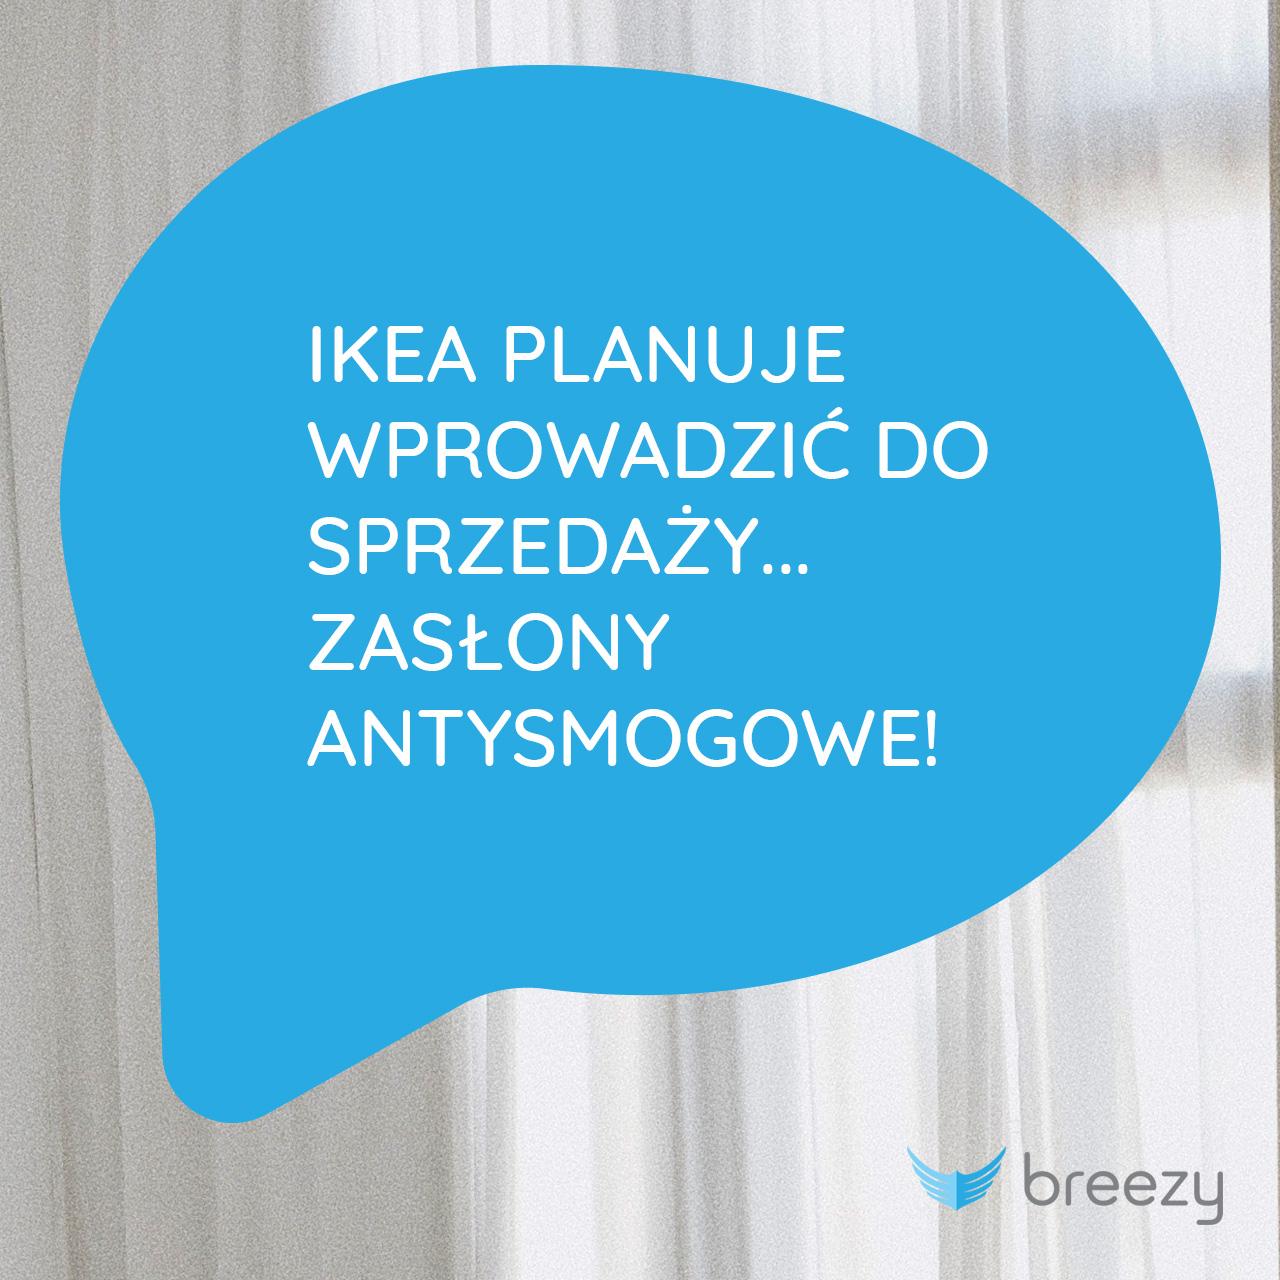 Ikea planuje wprowadzić do sprzedaży… zasłony antysmogowe